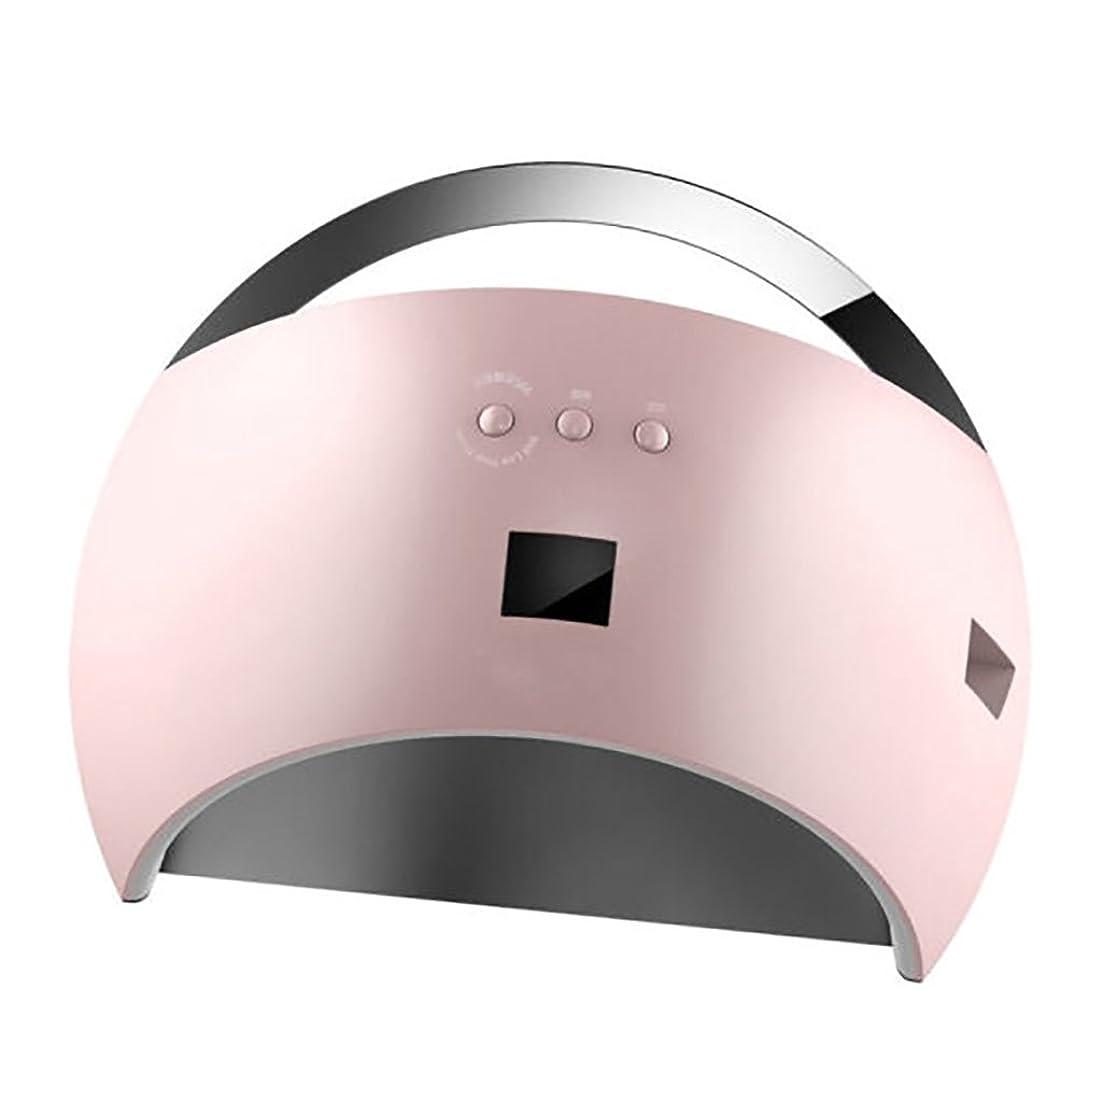 暴力鼓舞するオーロックネイル光線療法機 ネイルドライヤー - ネイルランプLEDスマートセンサーネイル光線療法機ドライヤー高速焼成プラスチックネイルショップ専用 (色 : Pink)